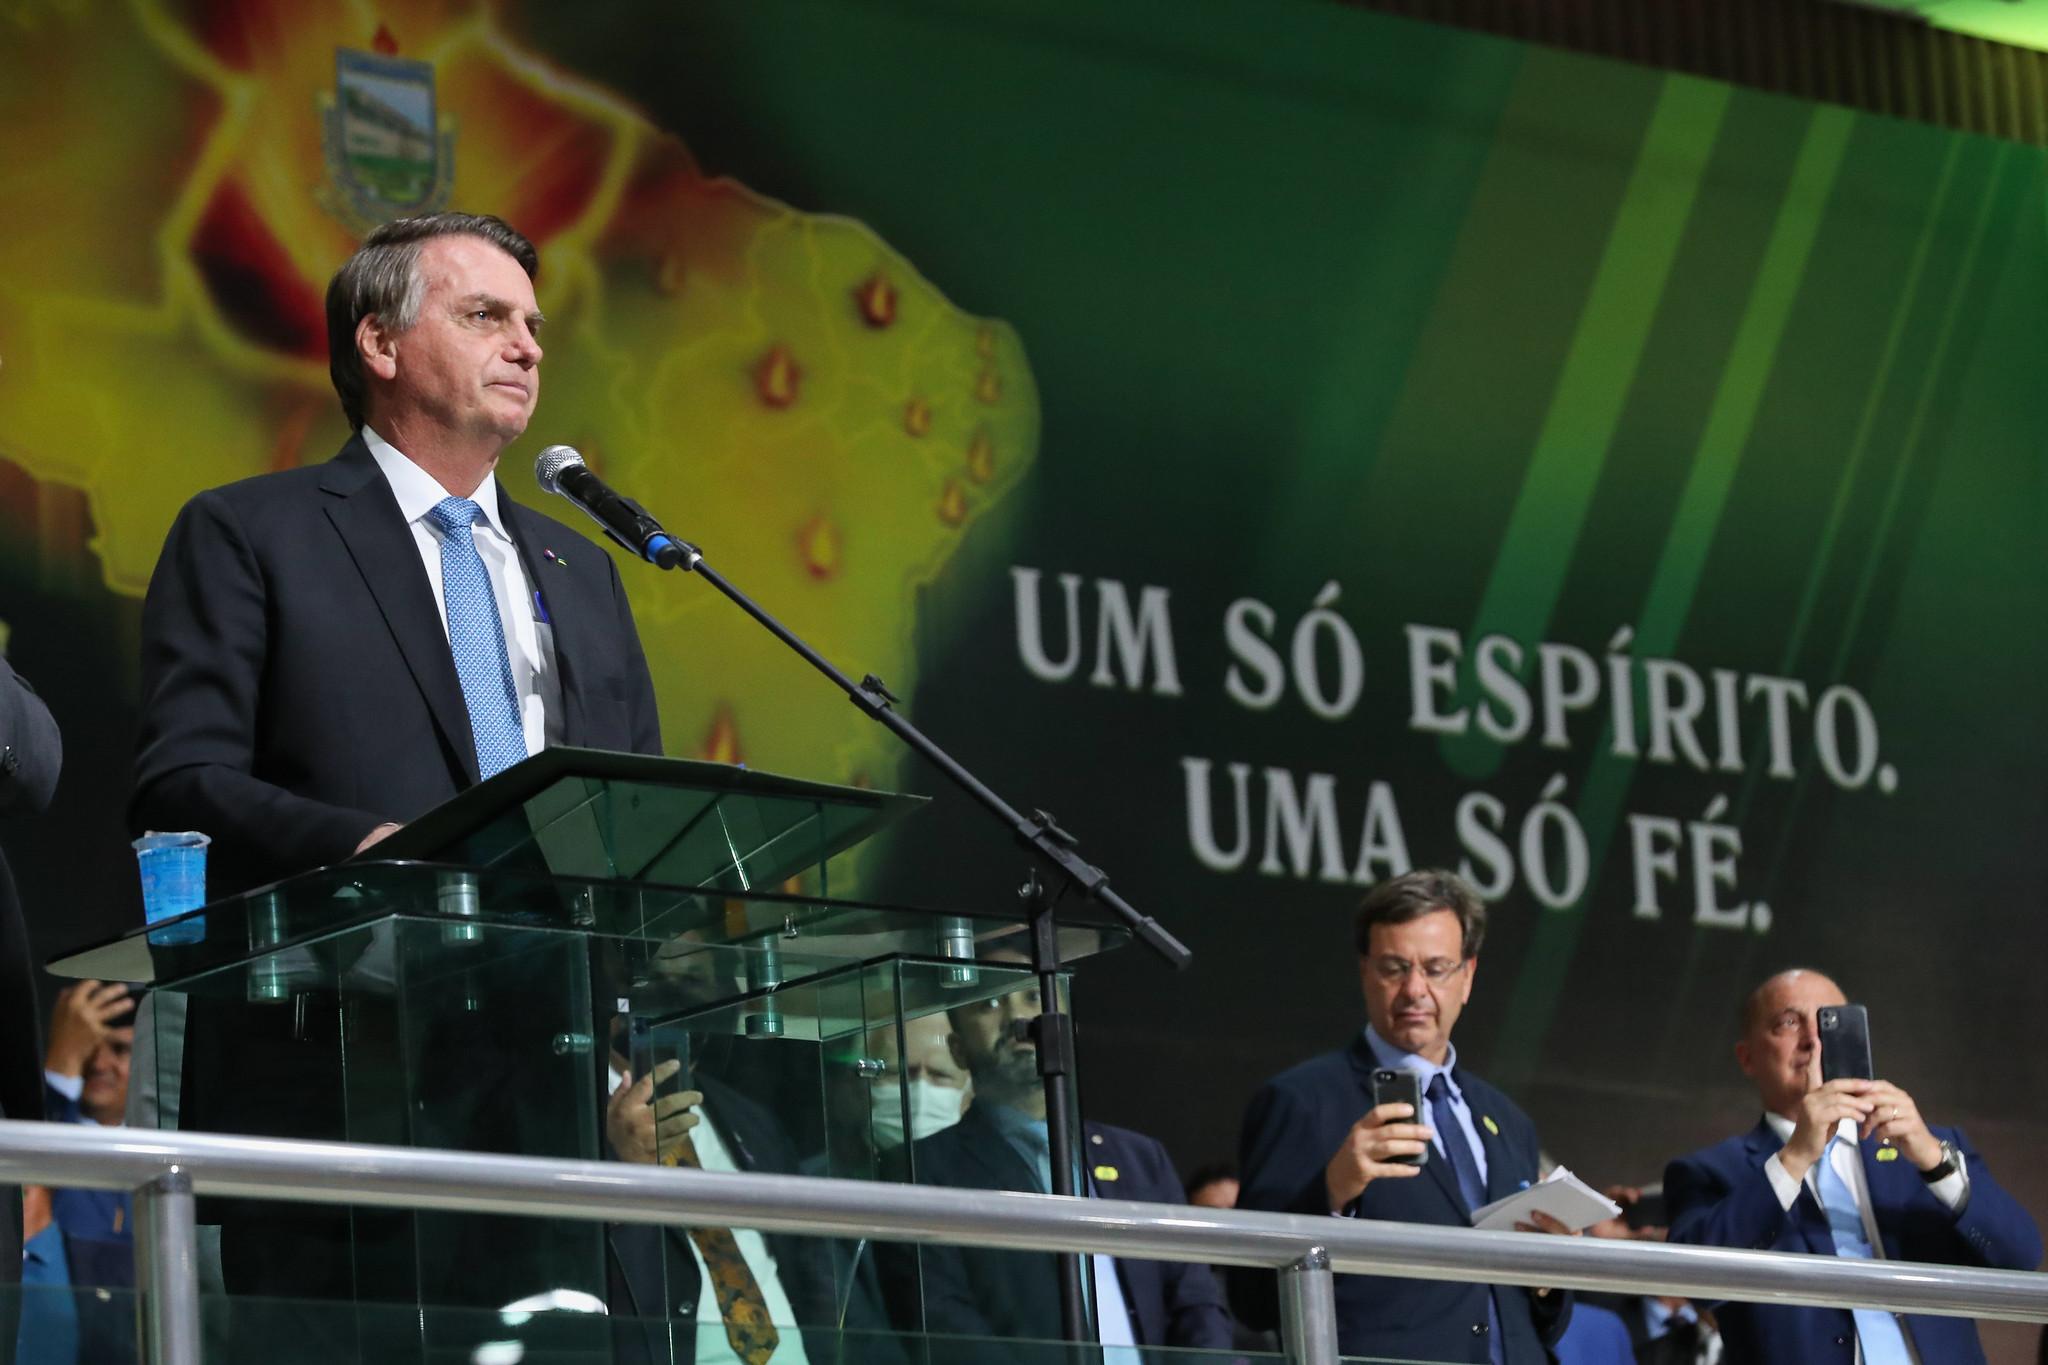 Presidente Jair Bolsonaro em evento da Assembleia de Deus